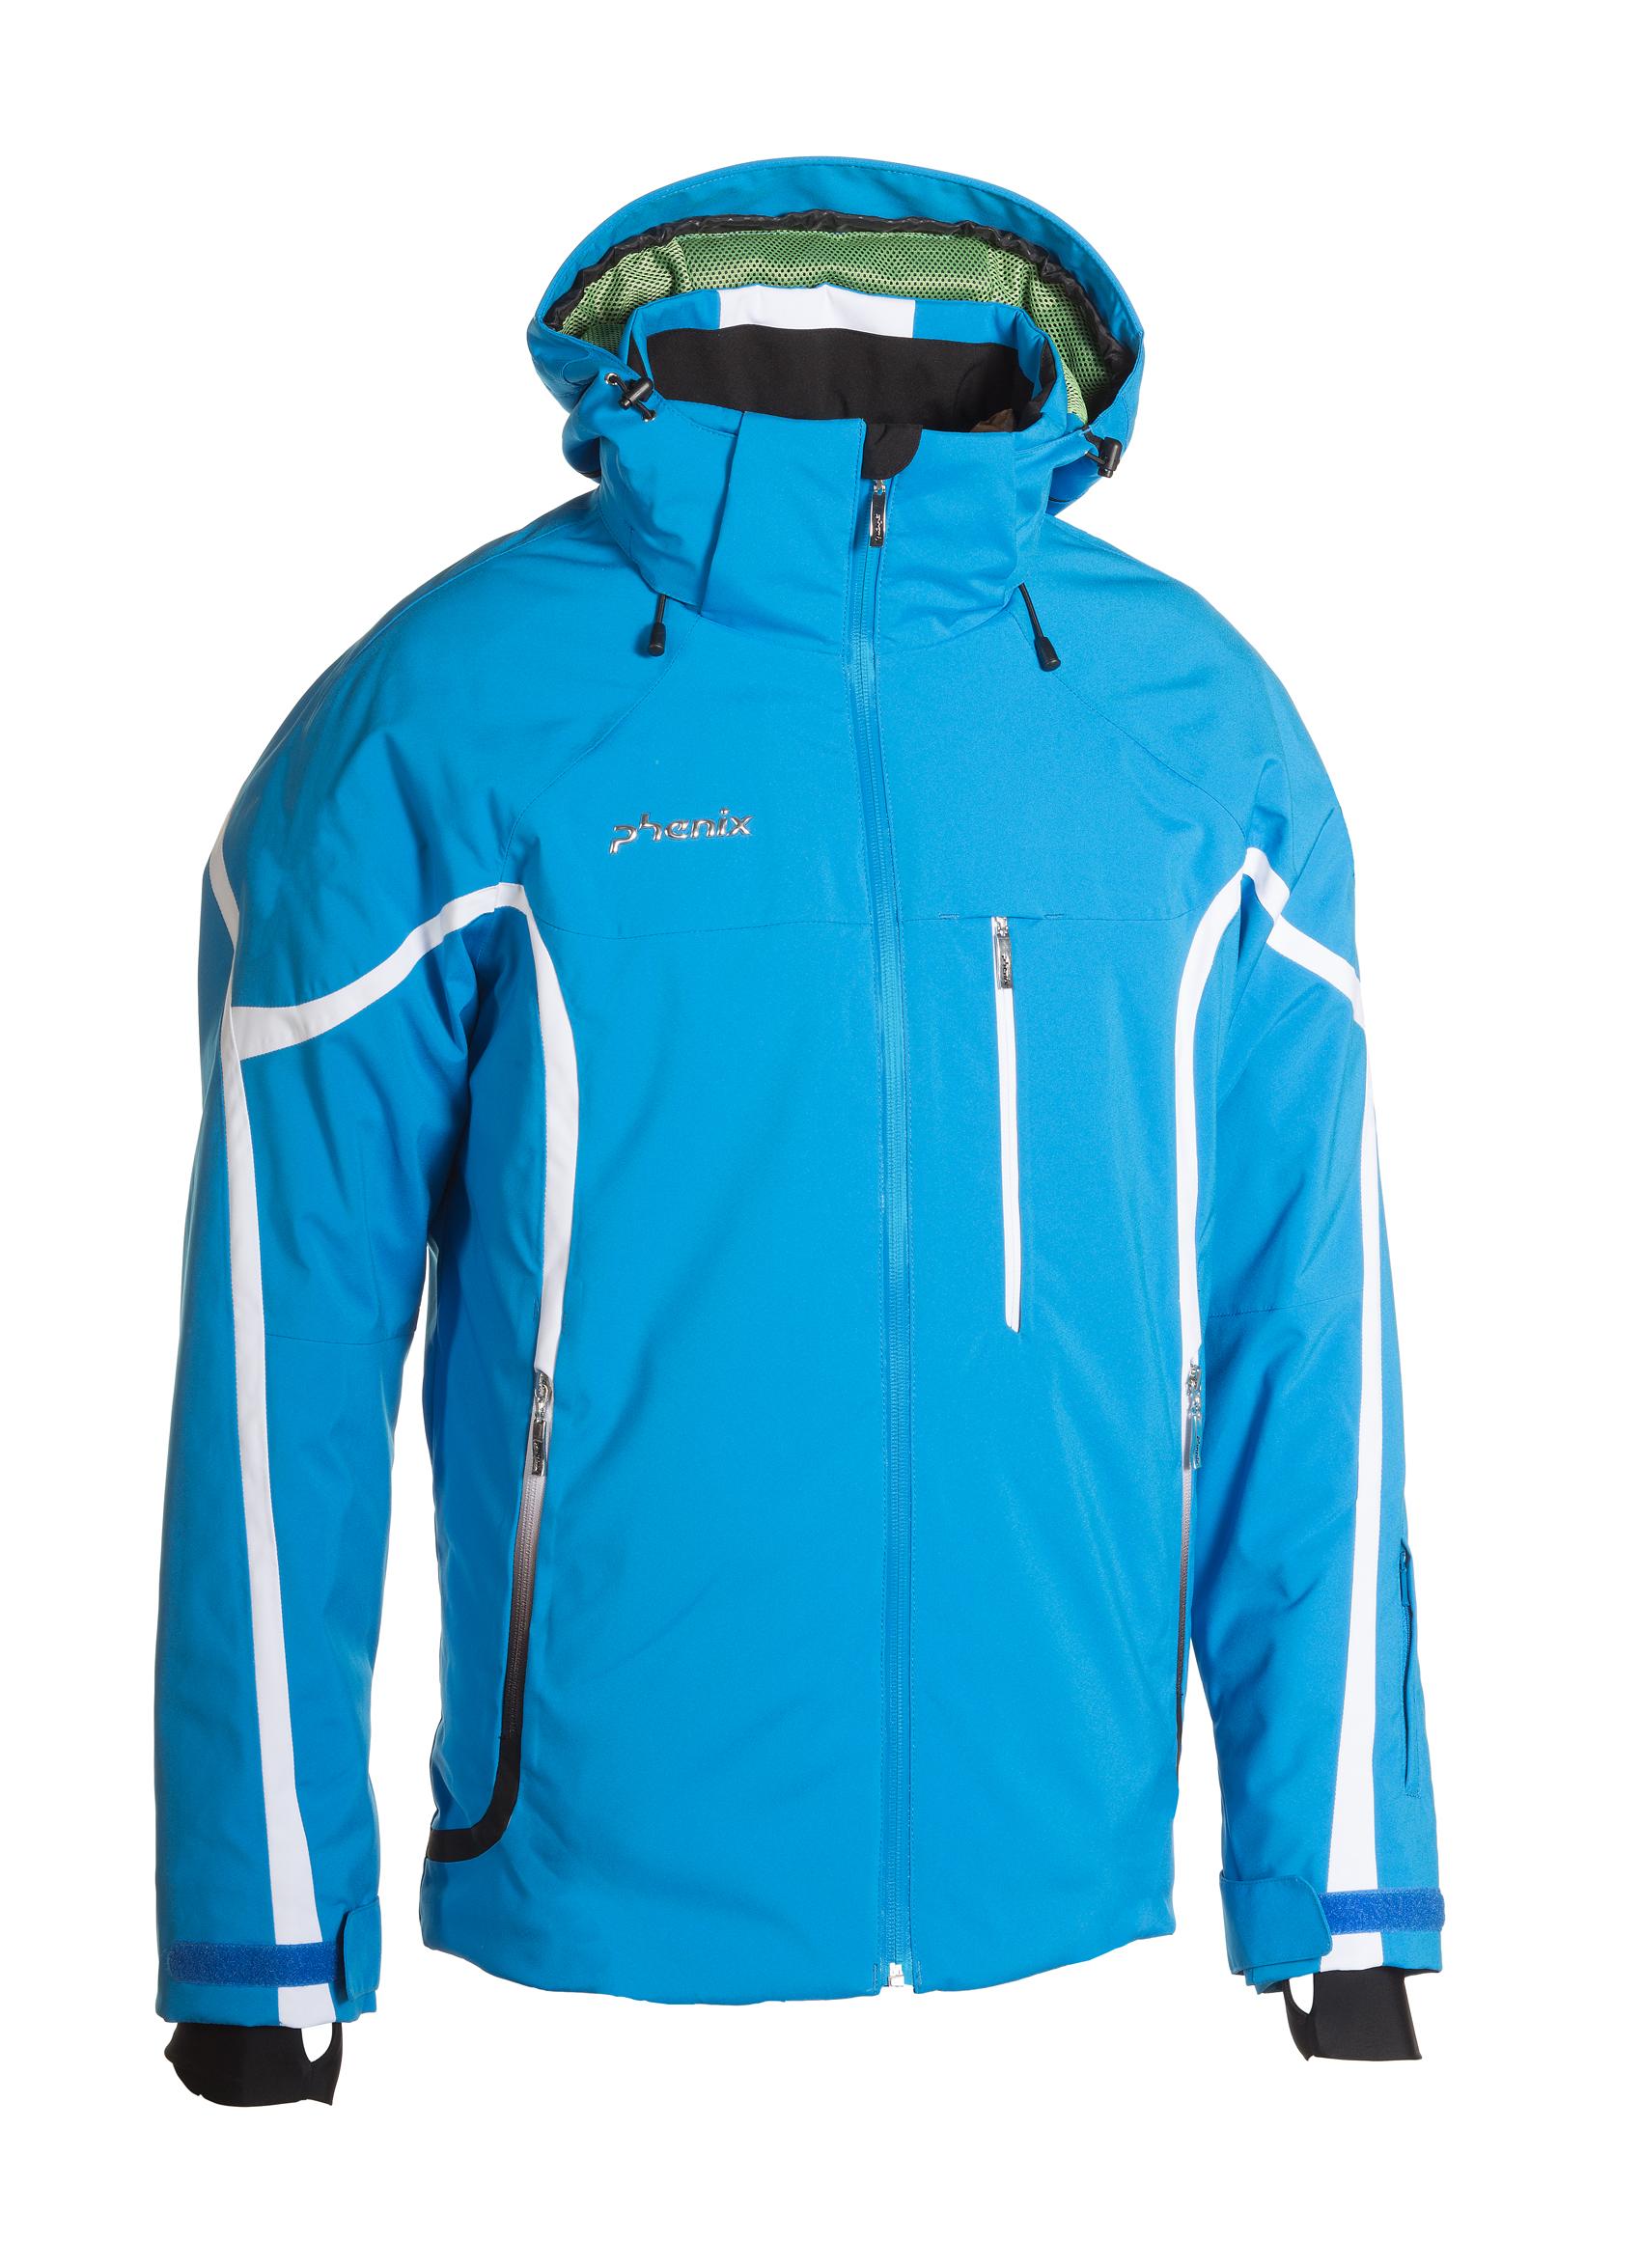 Куртка горнолыжная мужская Phenix - Сеть спортивных магазинов Чемпион 31d1dc6d6ed